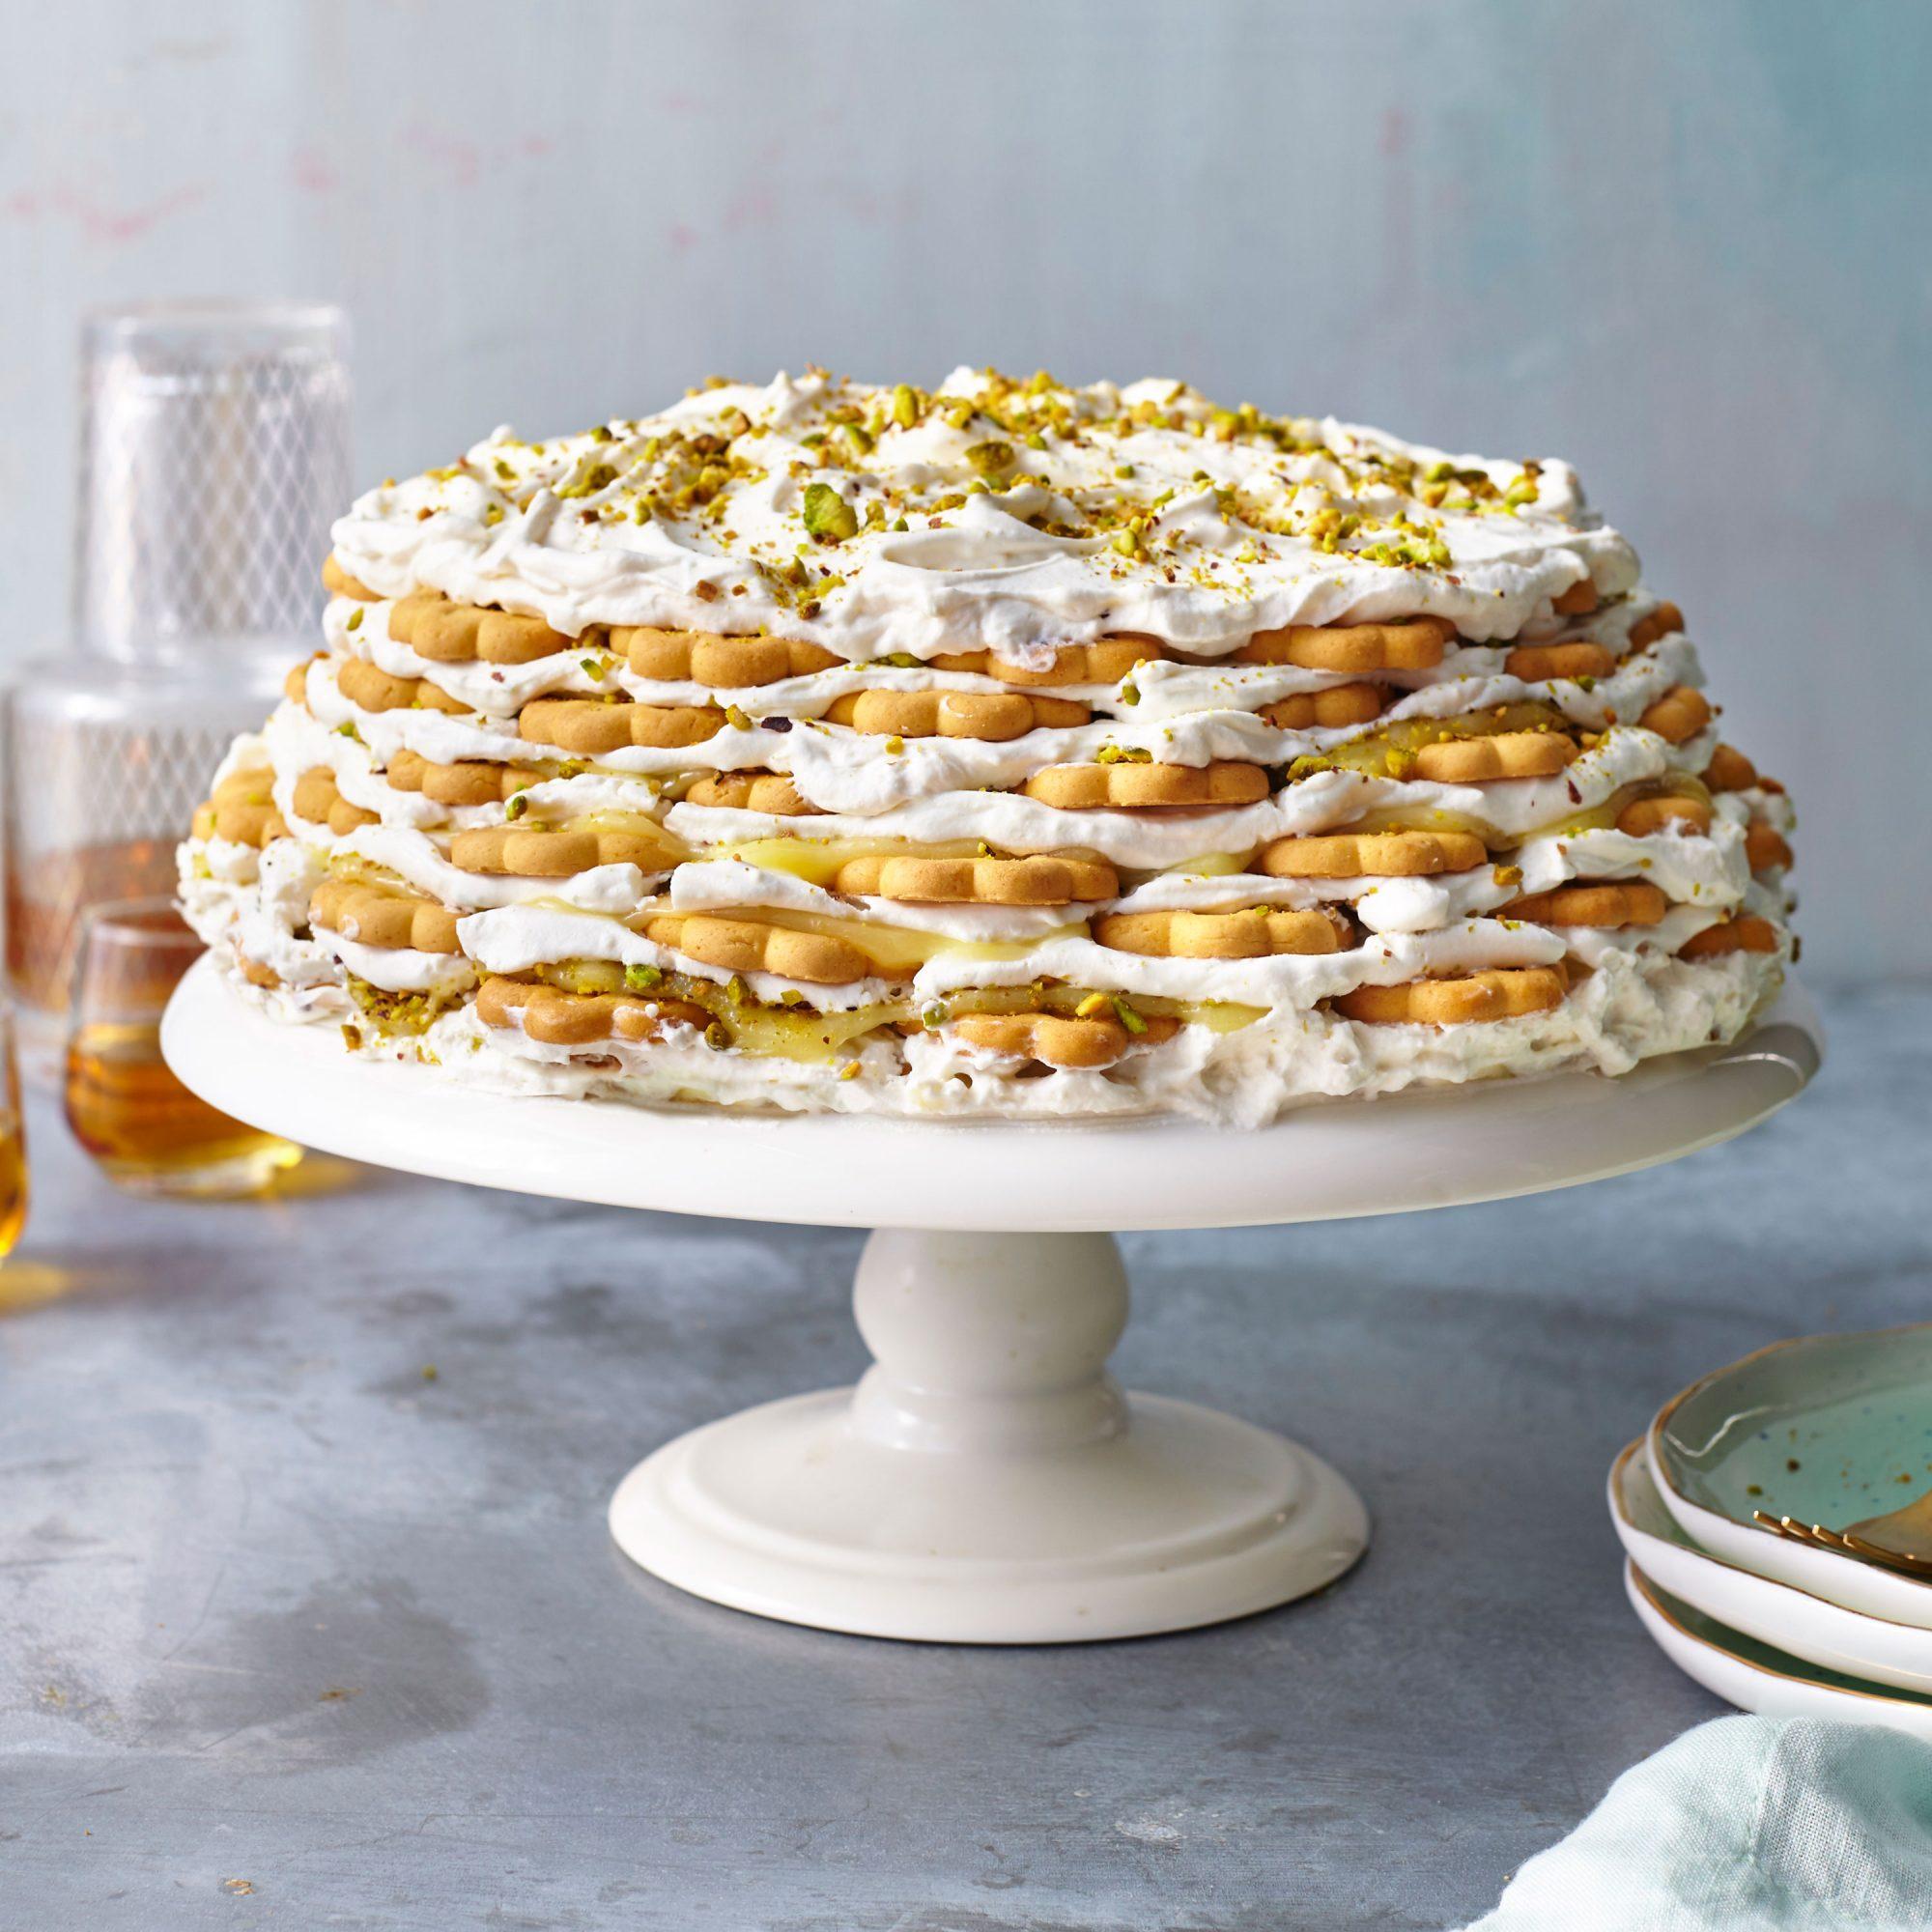 Key Lime-Shortbread Icebox Cake image